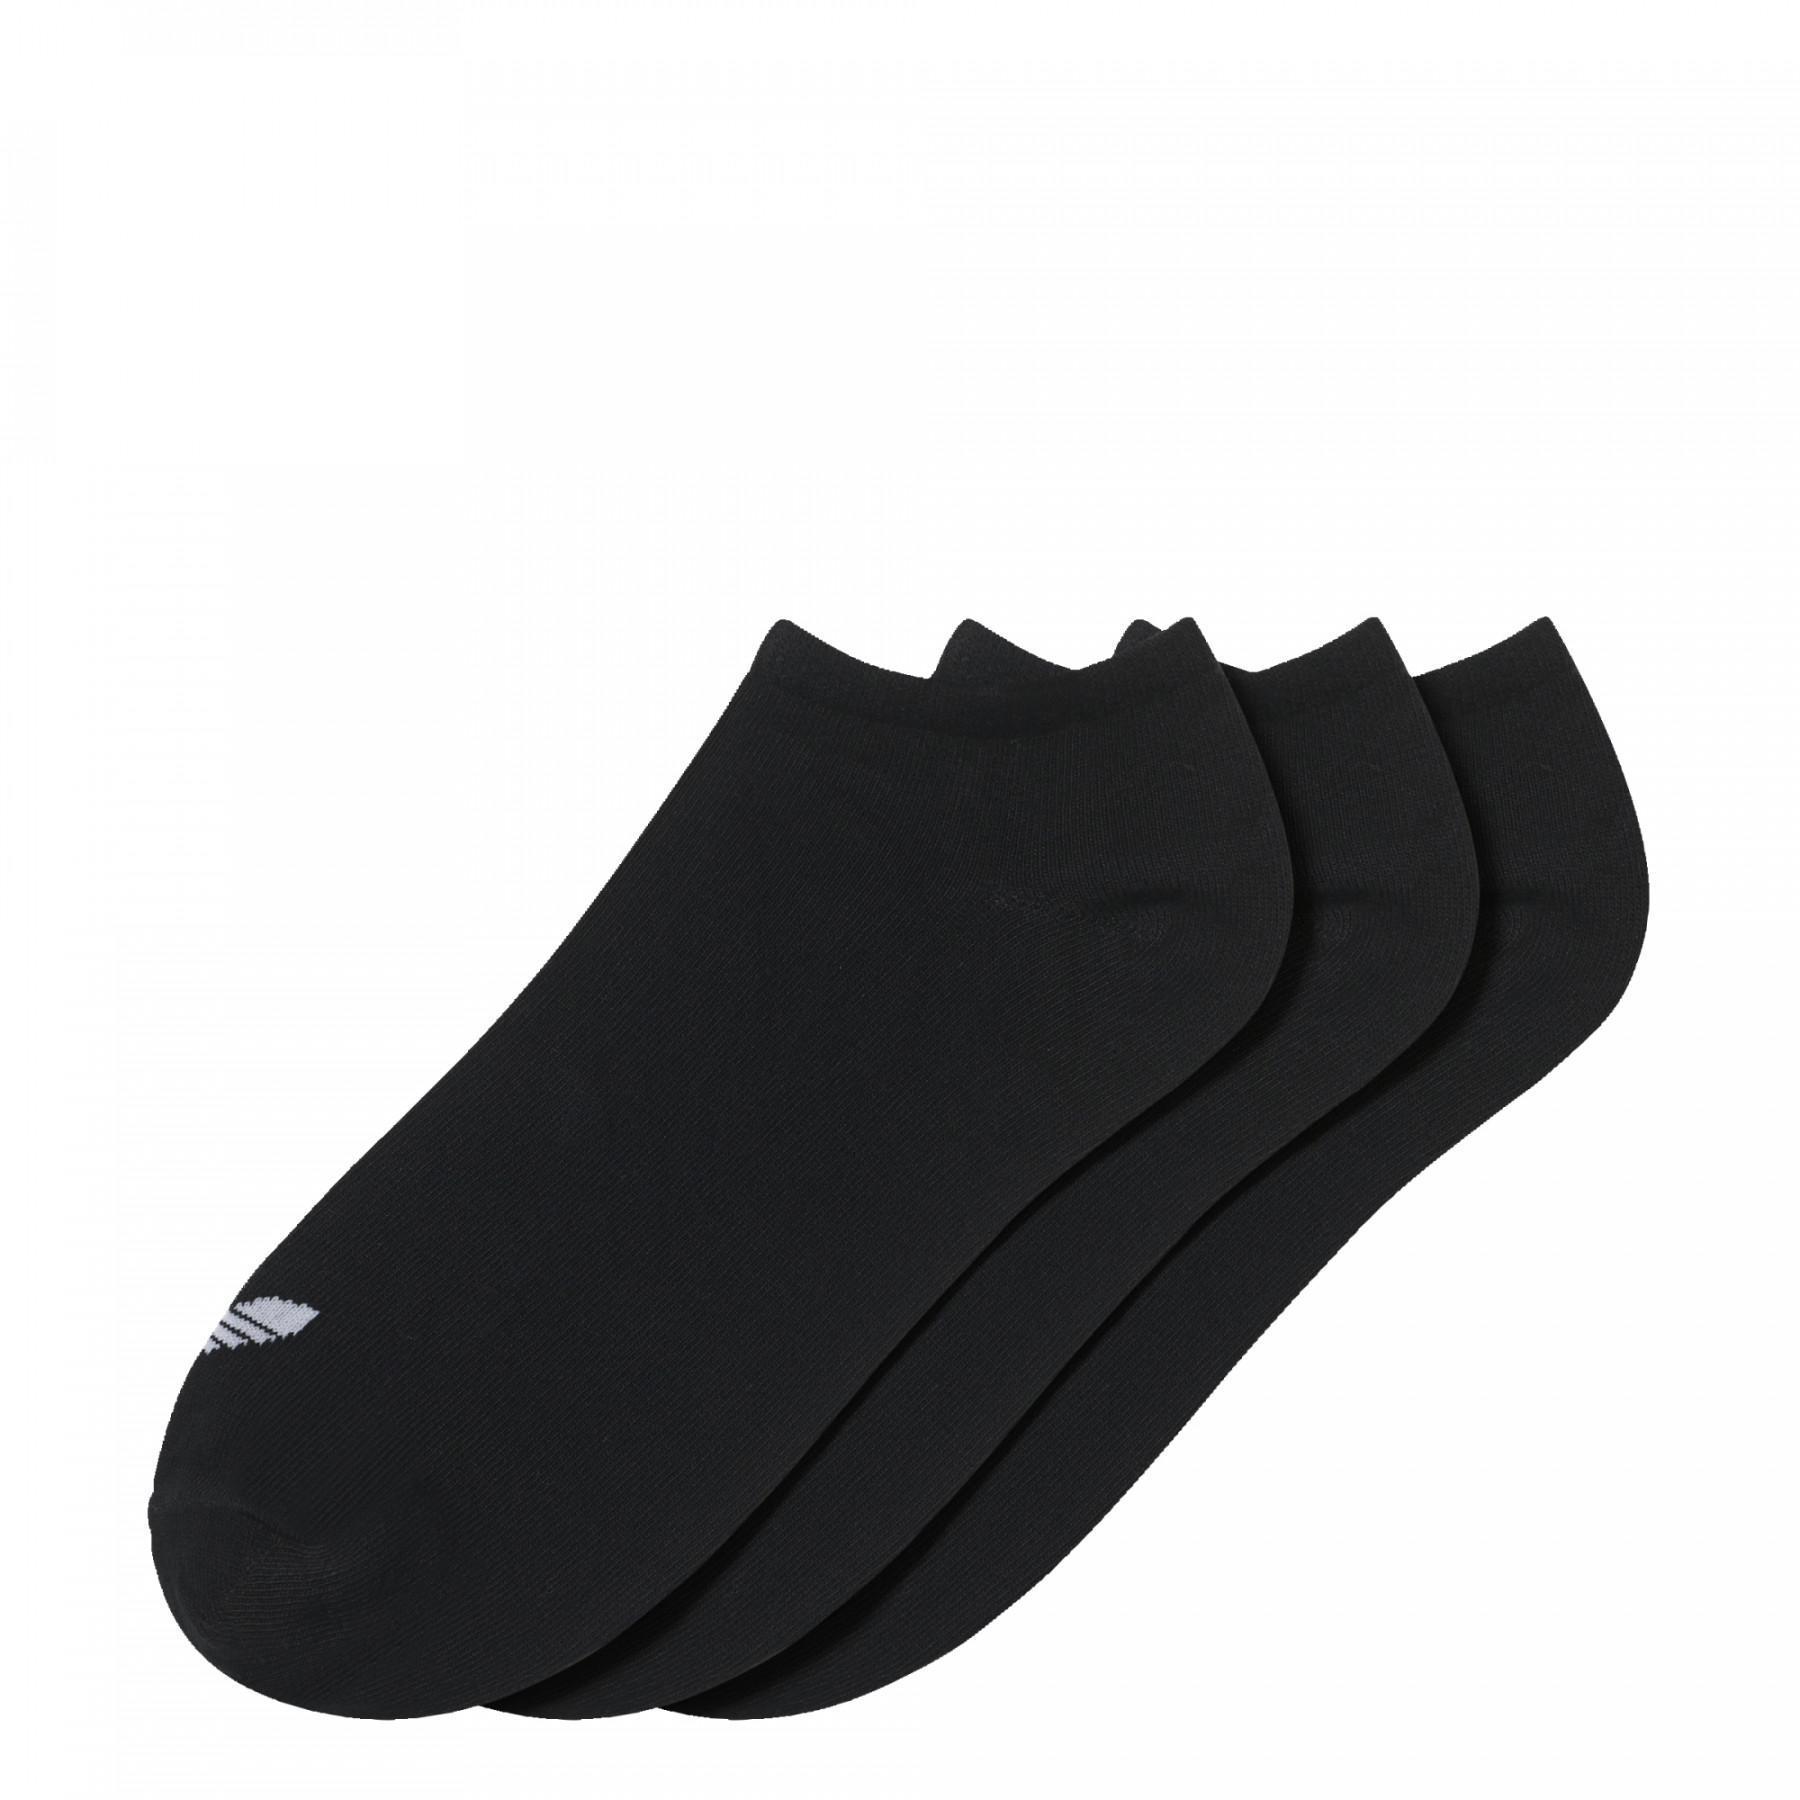 Socks Adidas Trefoil Liner (3 pairs)